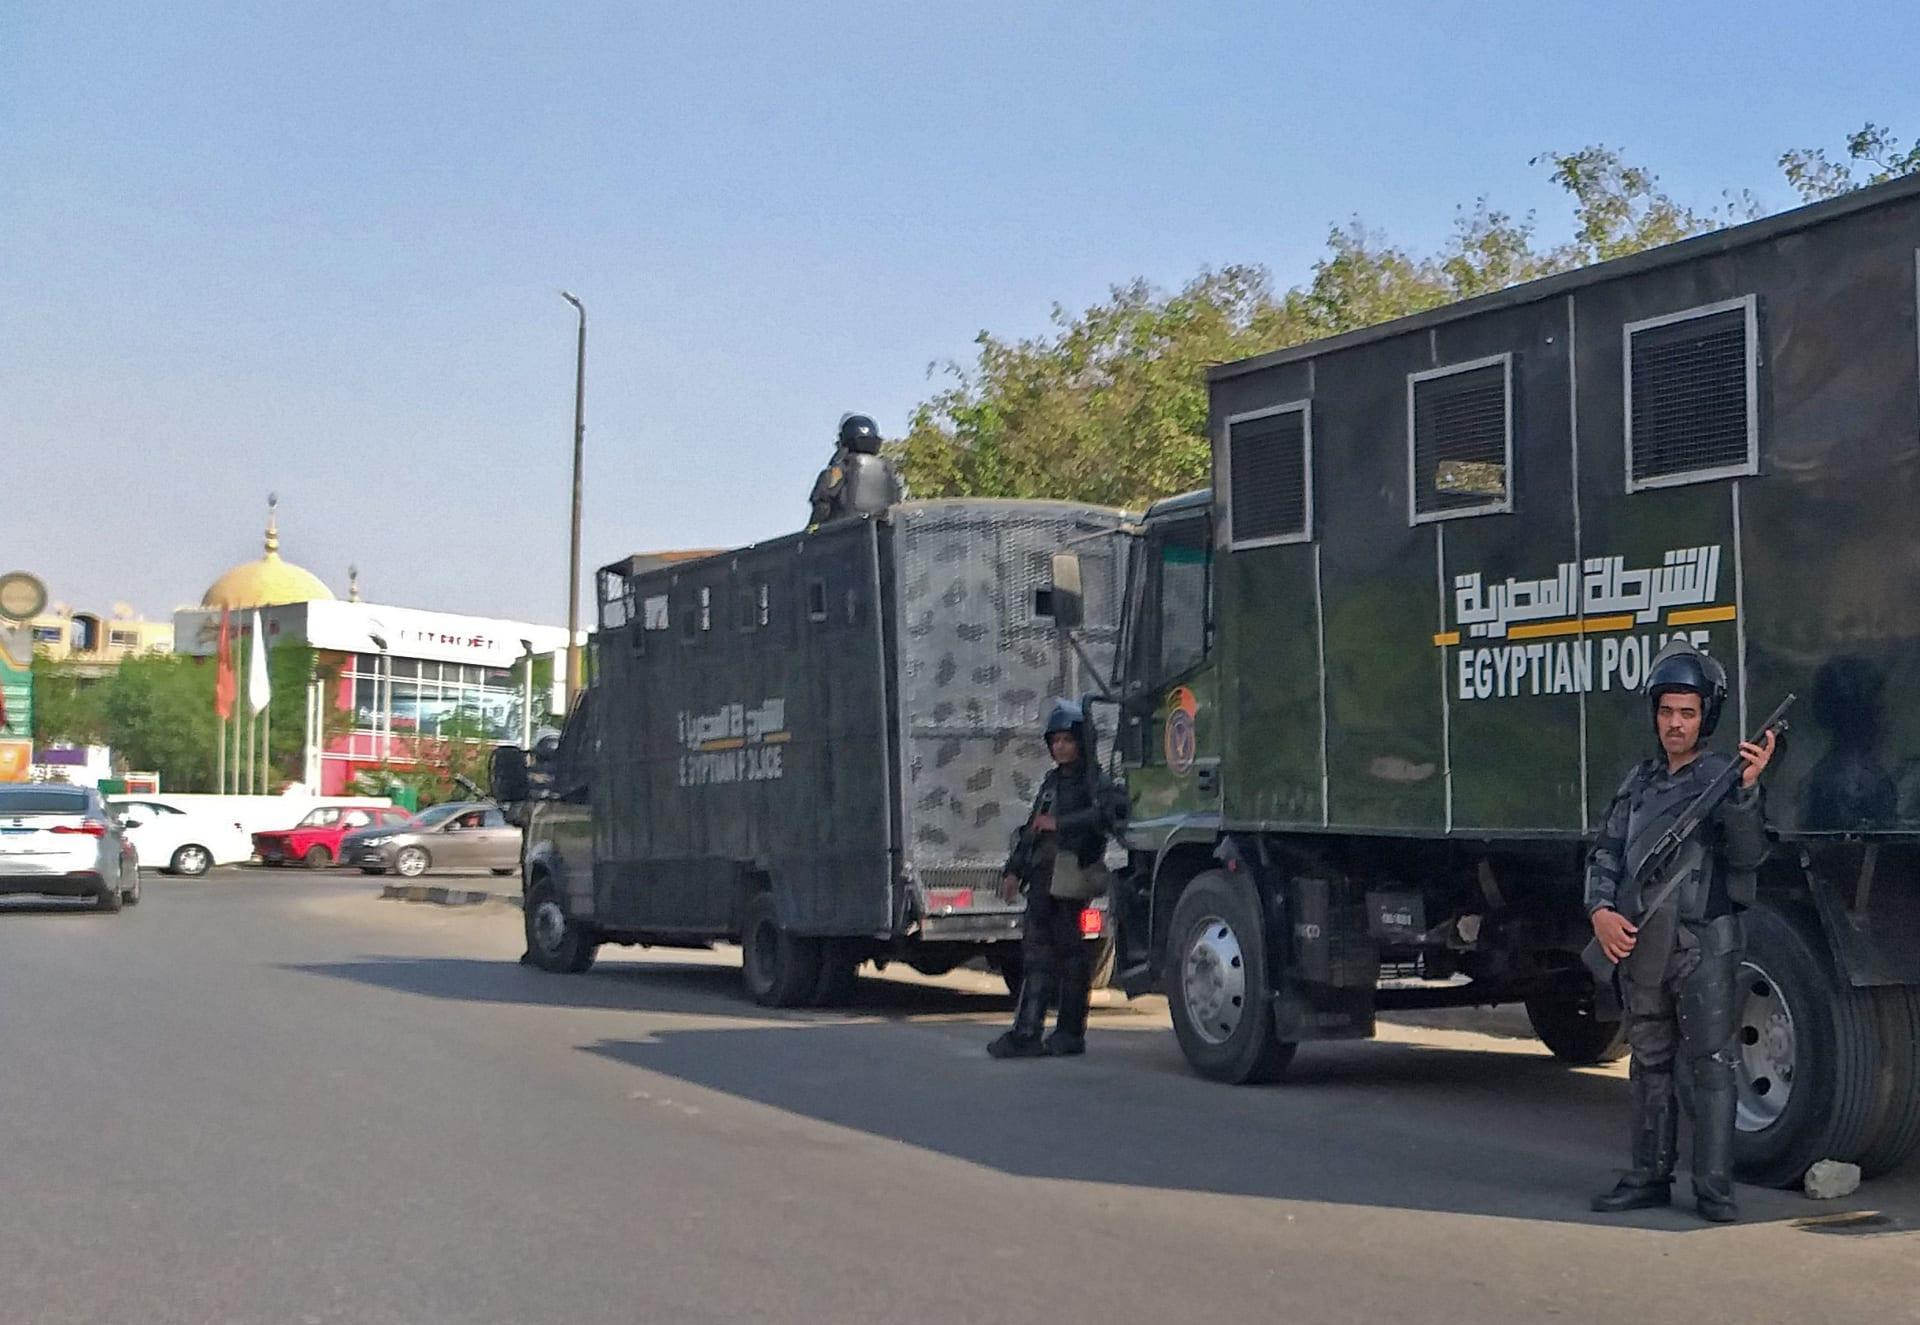 شرطة مكافحة الشغب المصرية في العاصمة المصرية القاهرة في 27 سبتمبر 2019.